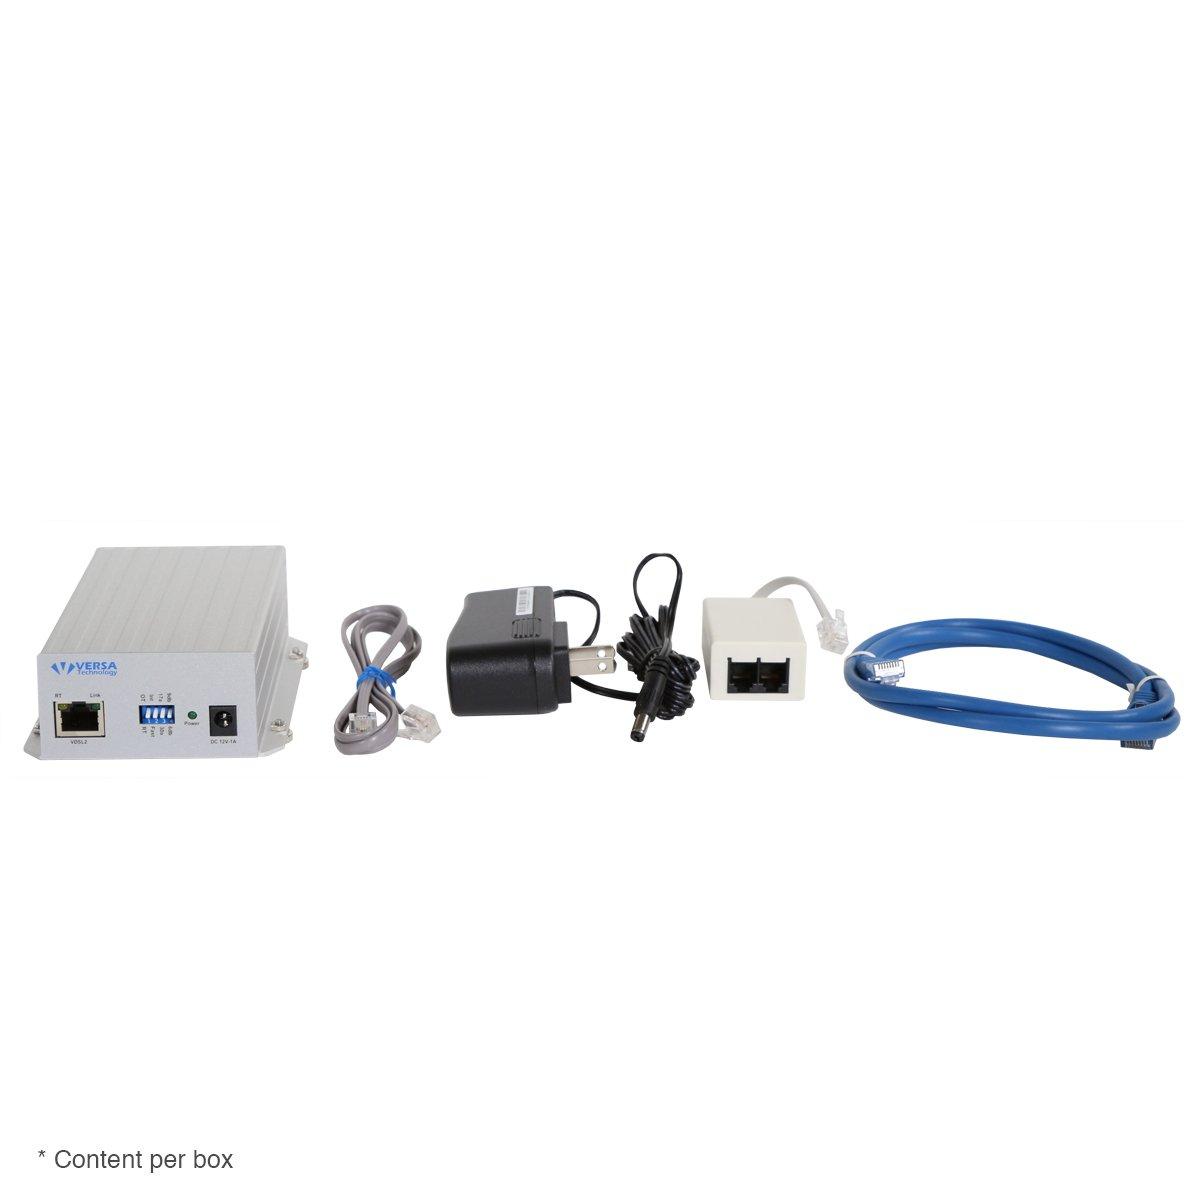 VX-VEB160G4-KIT Ethernet Extender Kit (set of 2)